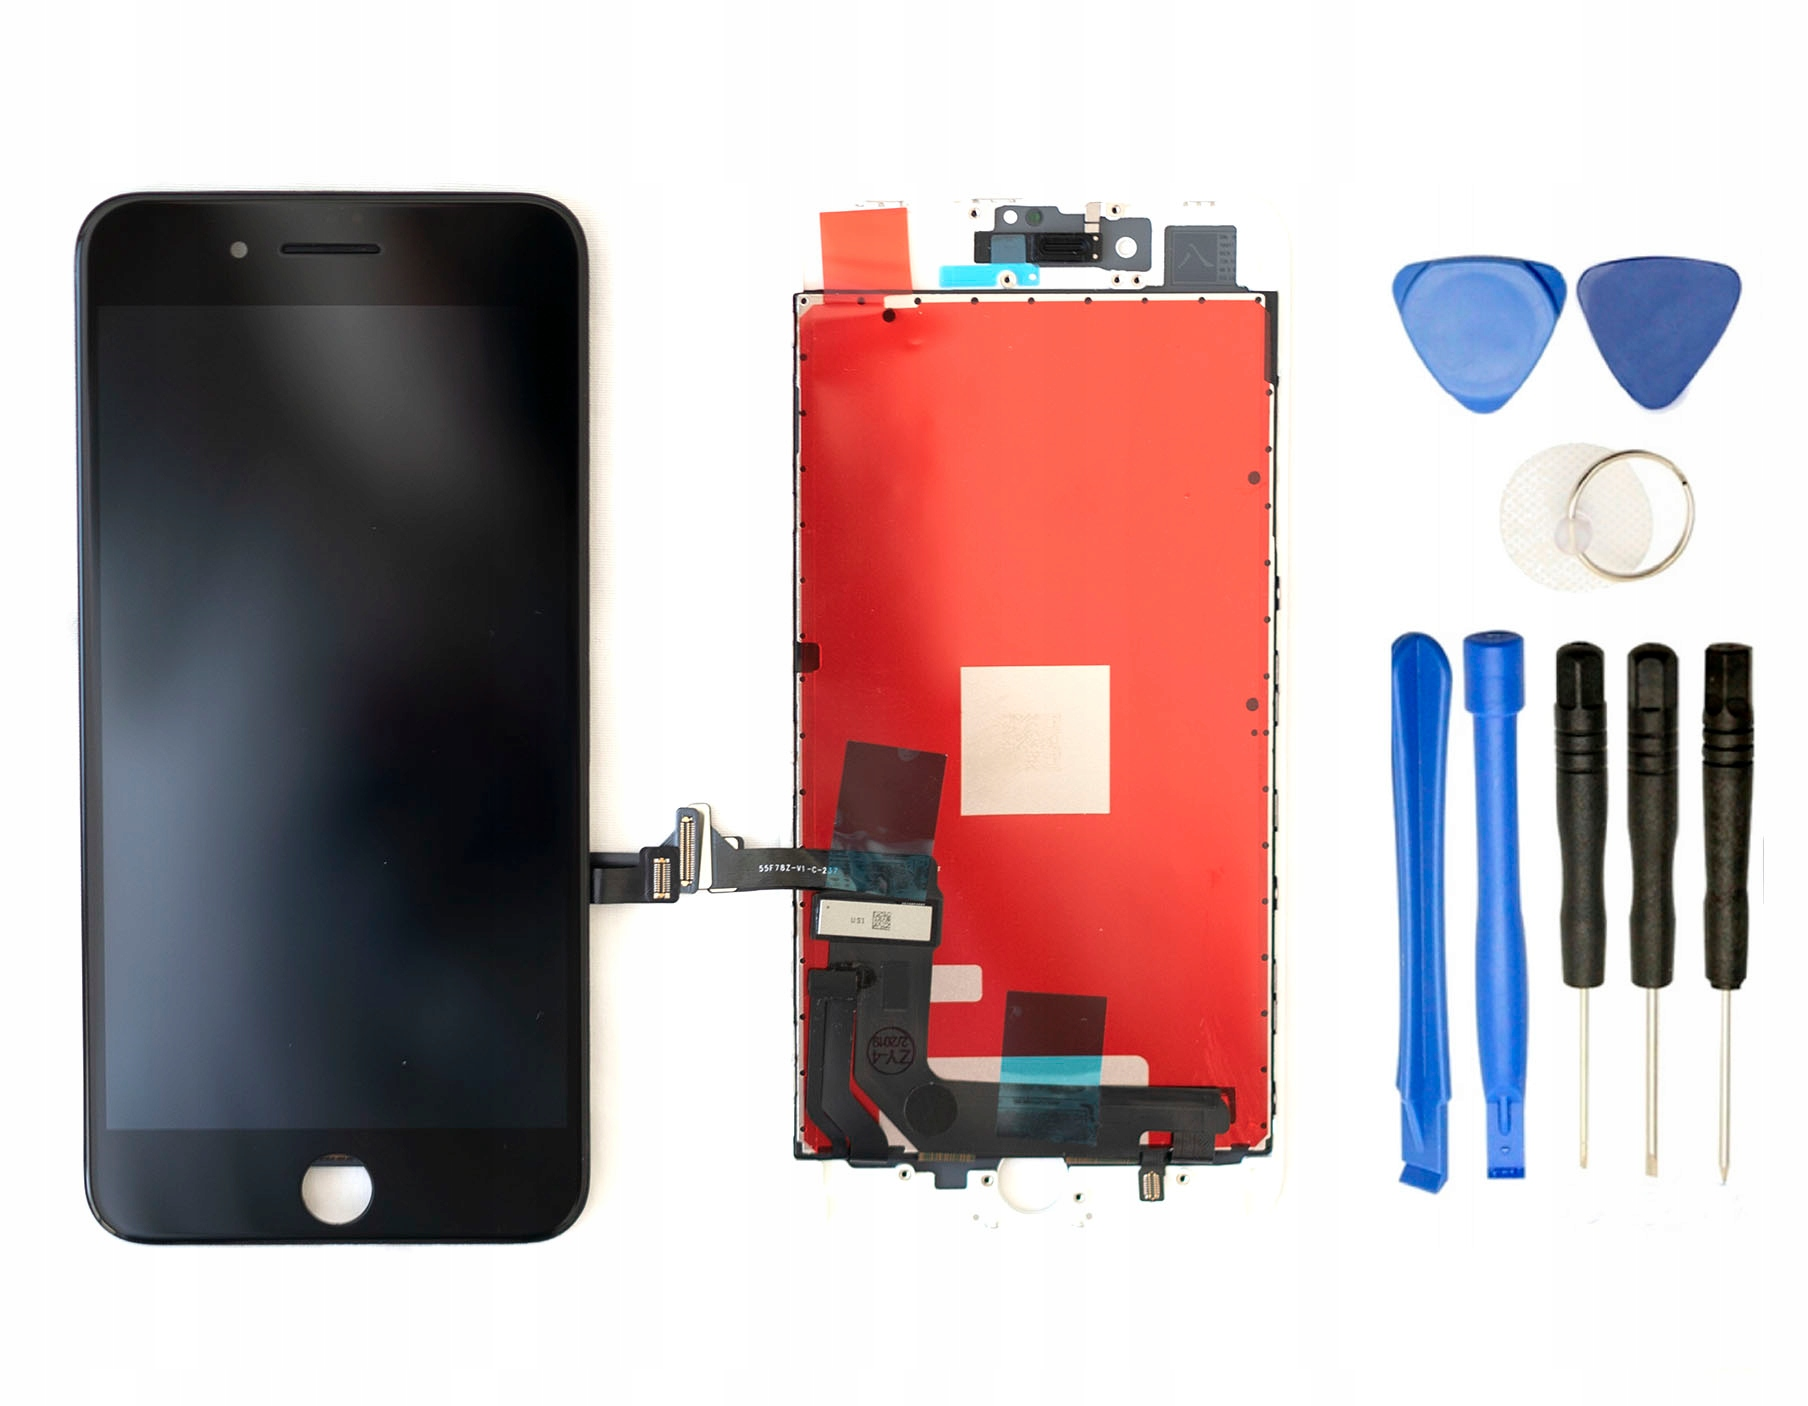 WYŚWIETLACZ EKRAN LCD DOTYK SZYBKA iPhone 8 PLUS